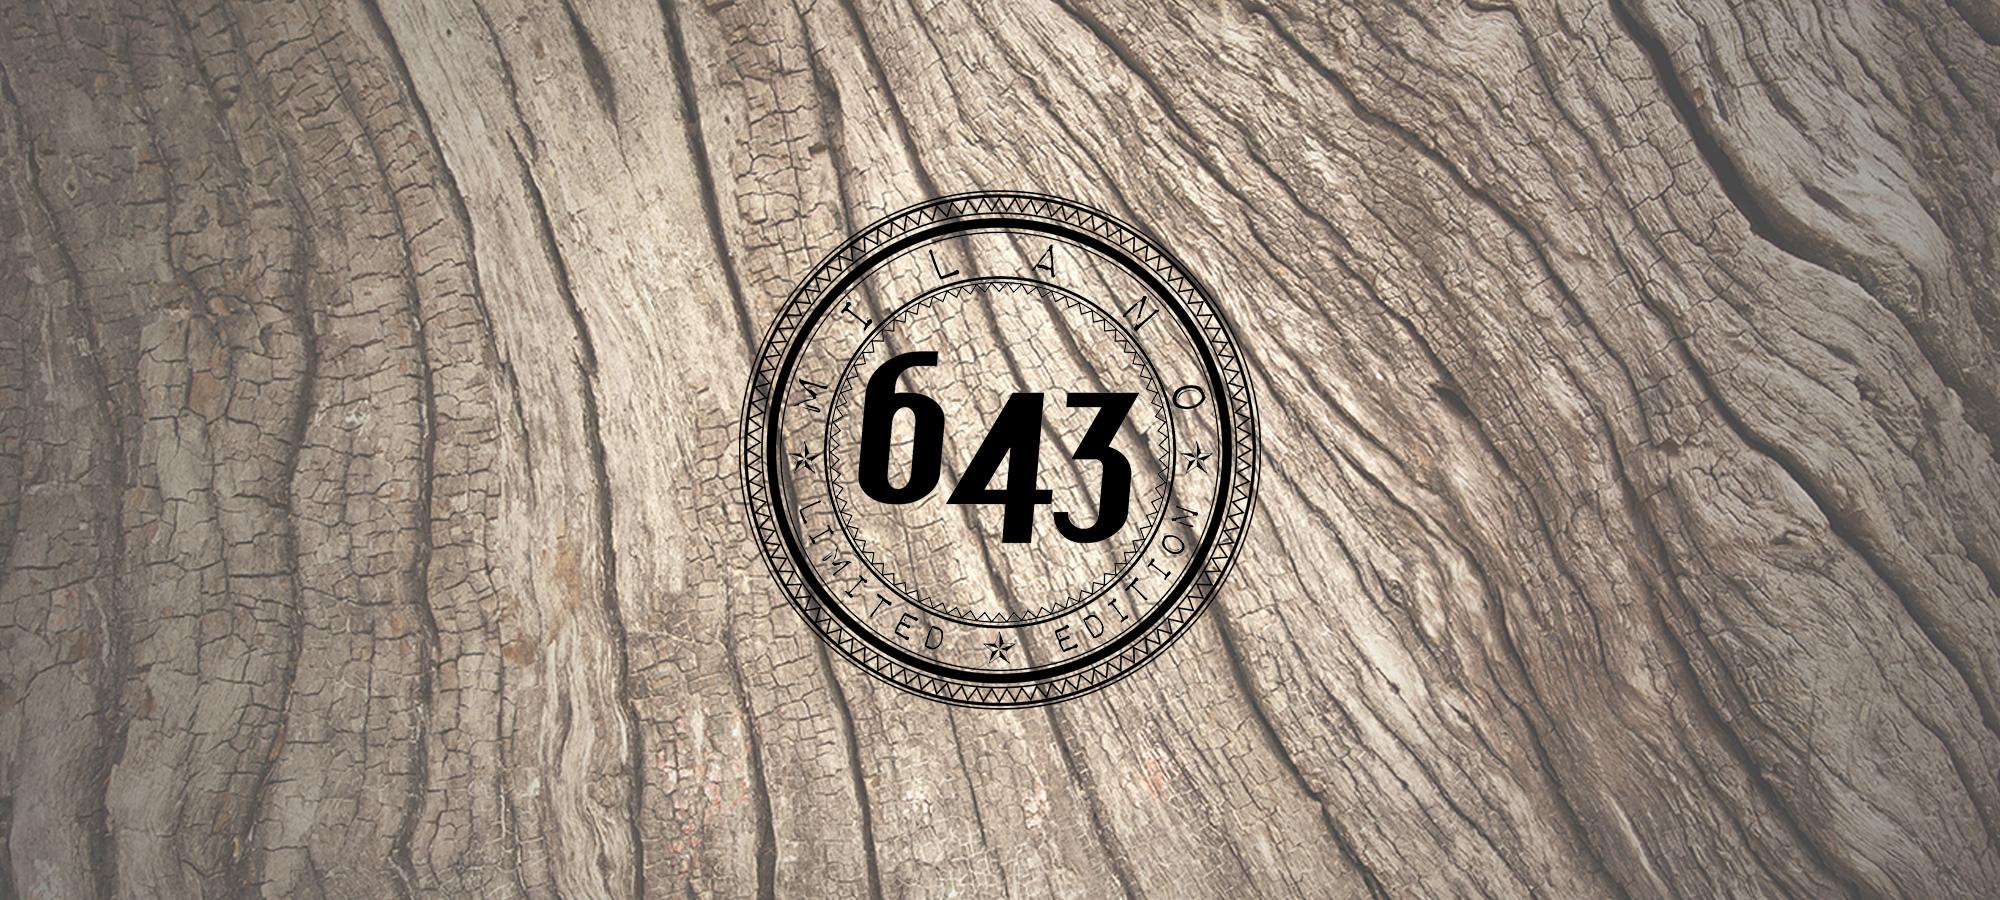 MILANO 643 logo